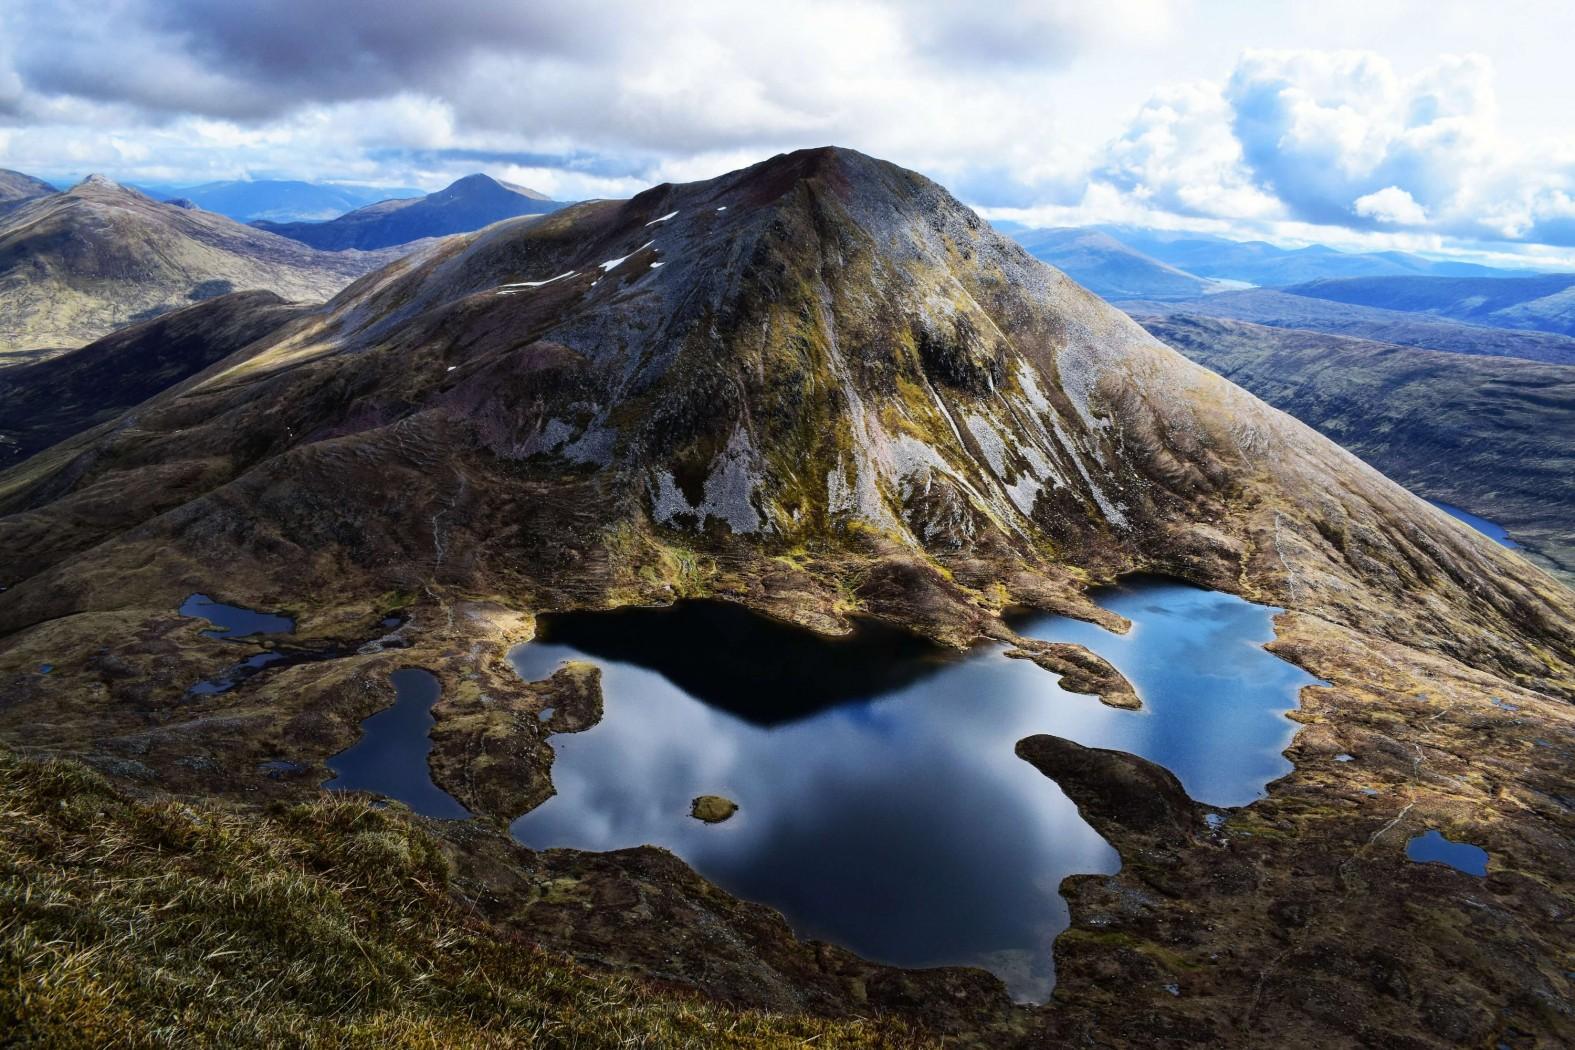 مسابقه عکاسی تابستان 2016 مجله Rough Guides